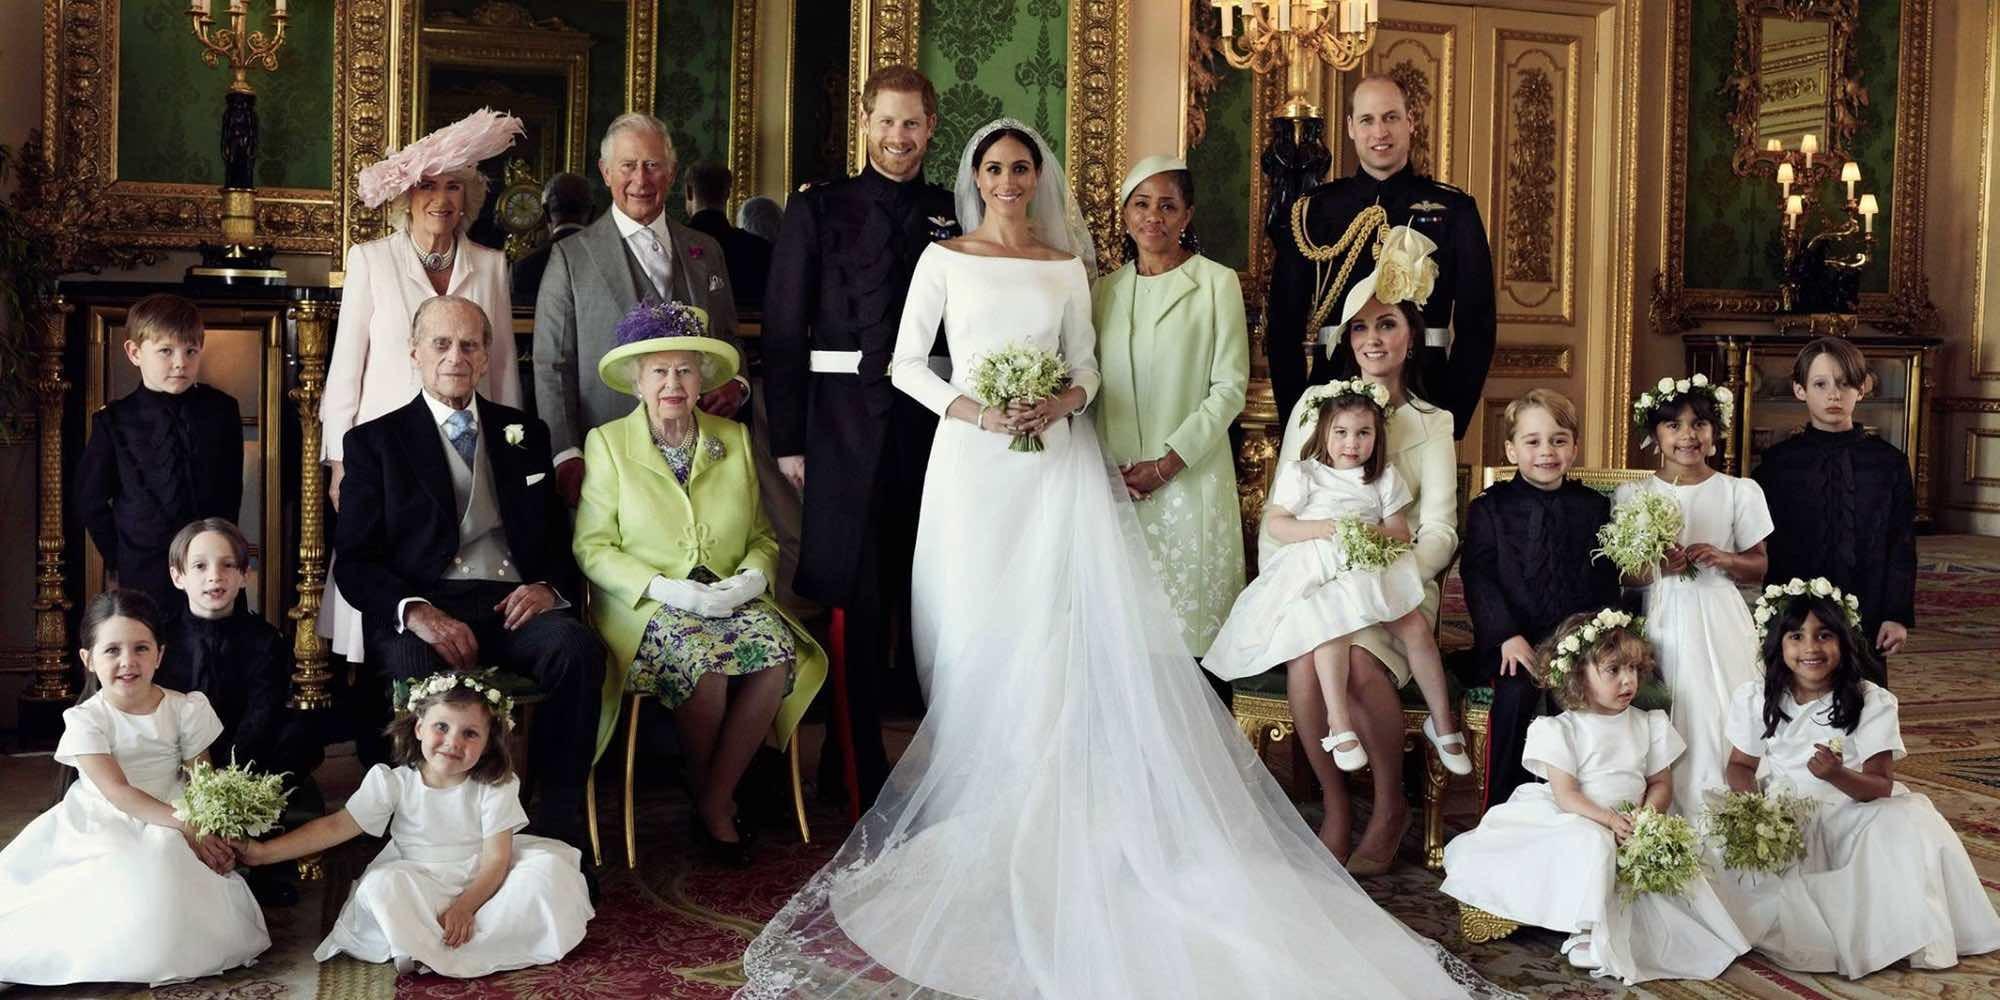 Las fotos oficiales de la boda del Príncipe Harry y Meghan Markle